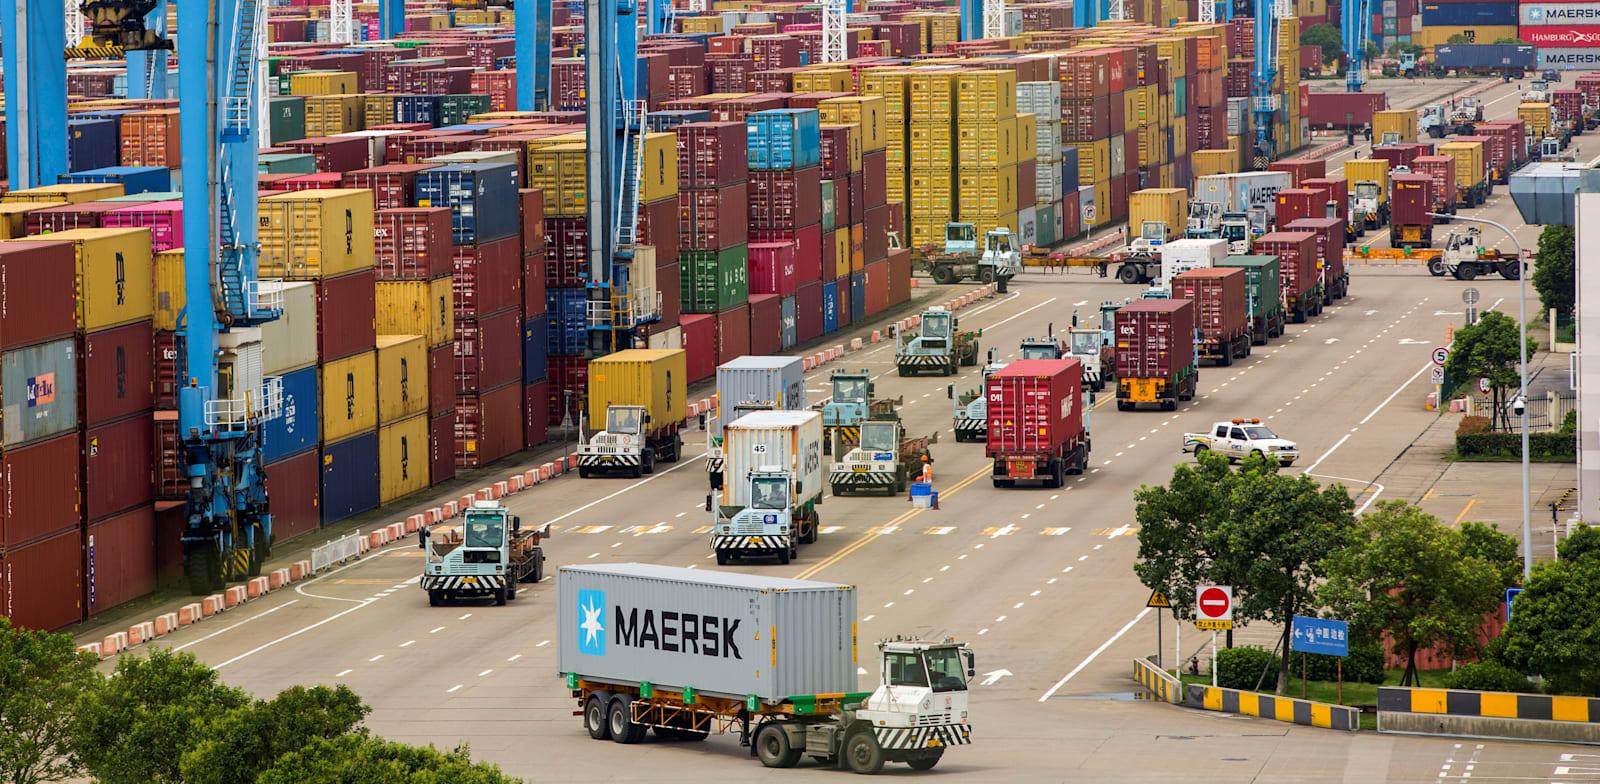 משאיות במסוף המכולות בנמל נינגבו החודש, שער היצוא הגדול בעולם של חלקי רכב מושבת בחלקו / צילום: Reuters, STRINGER